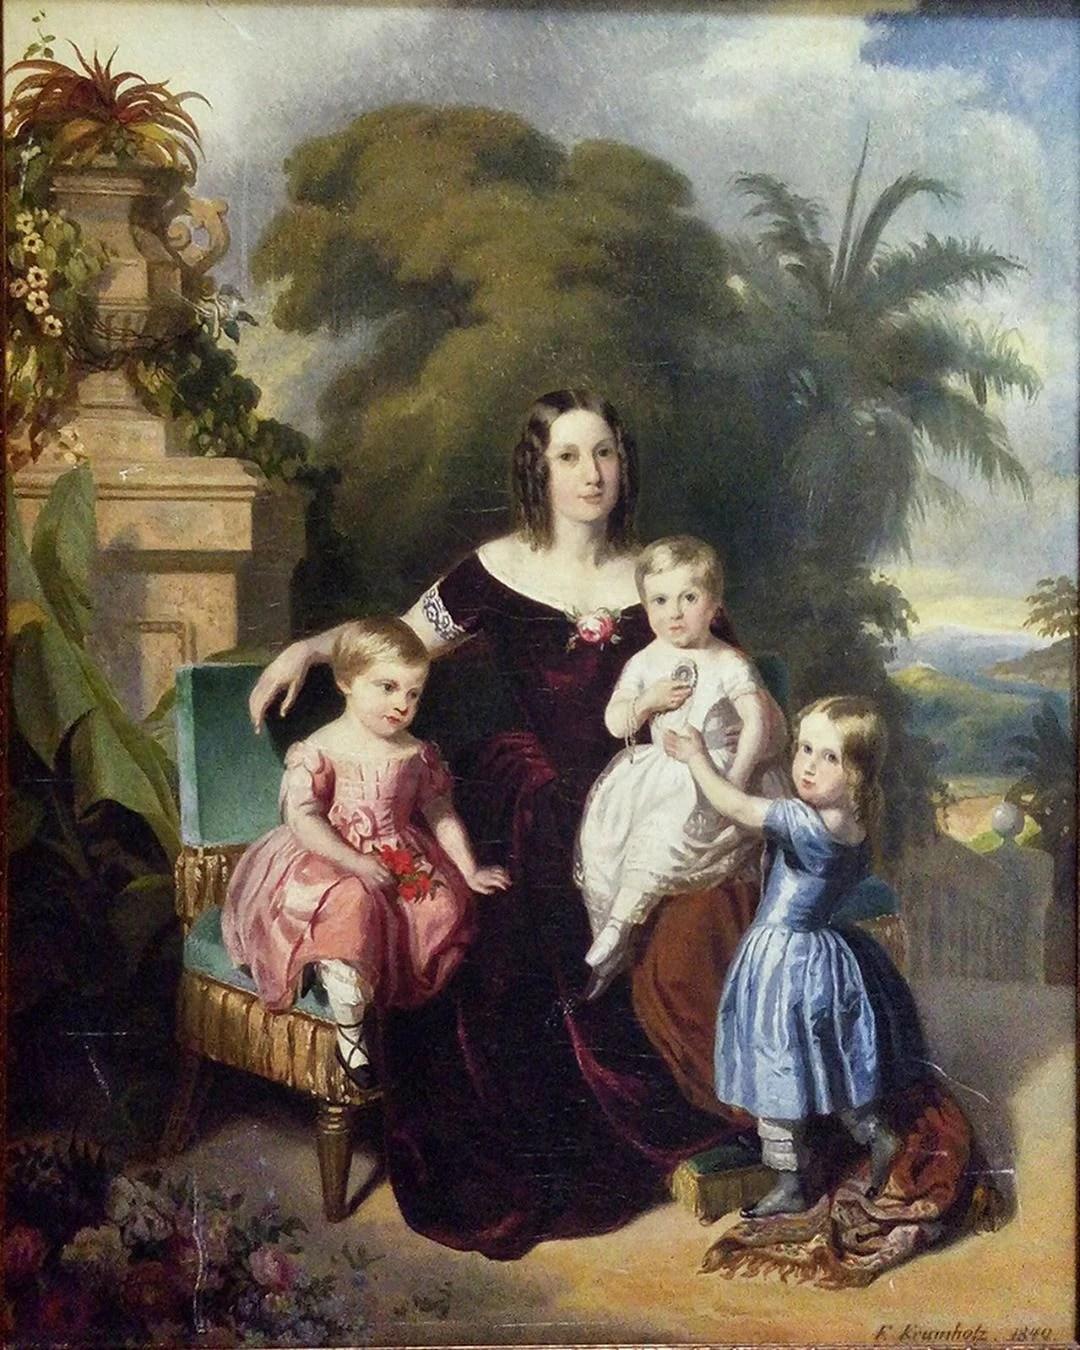 A imperatriz do Brasil e seus três filhos pequenos Isabel, Leopoldina e Pedro, no Rio de Janeiro. 1849.